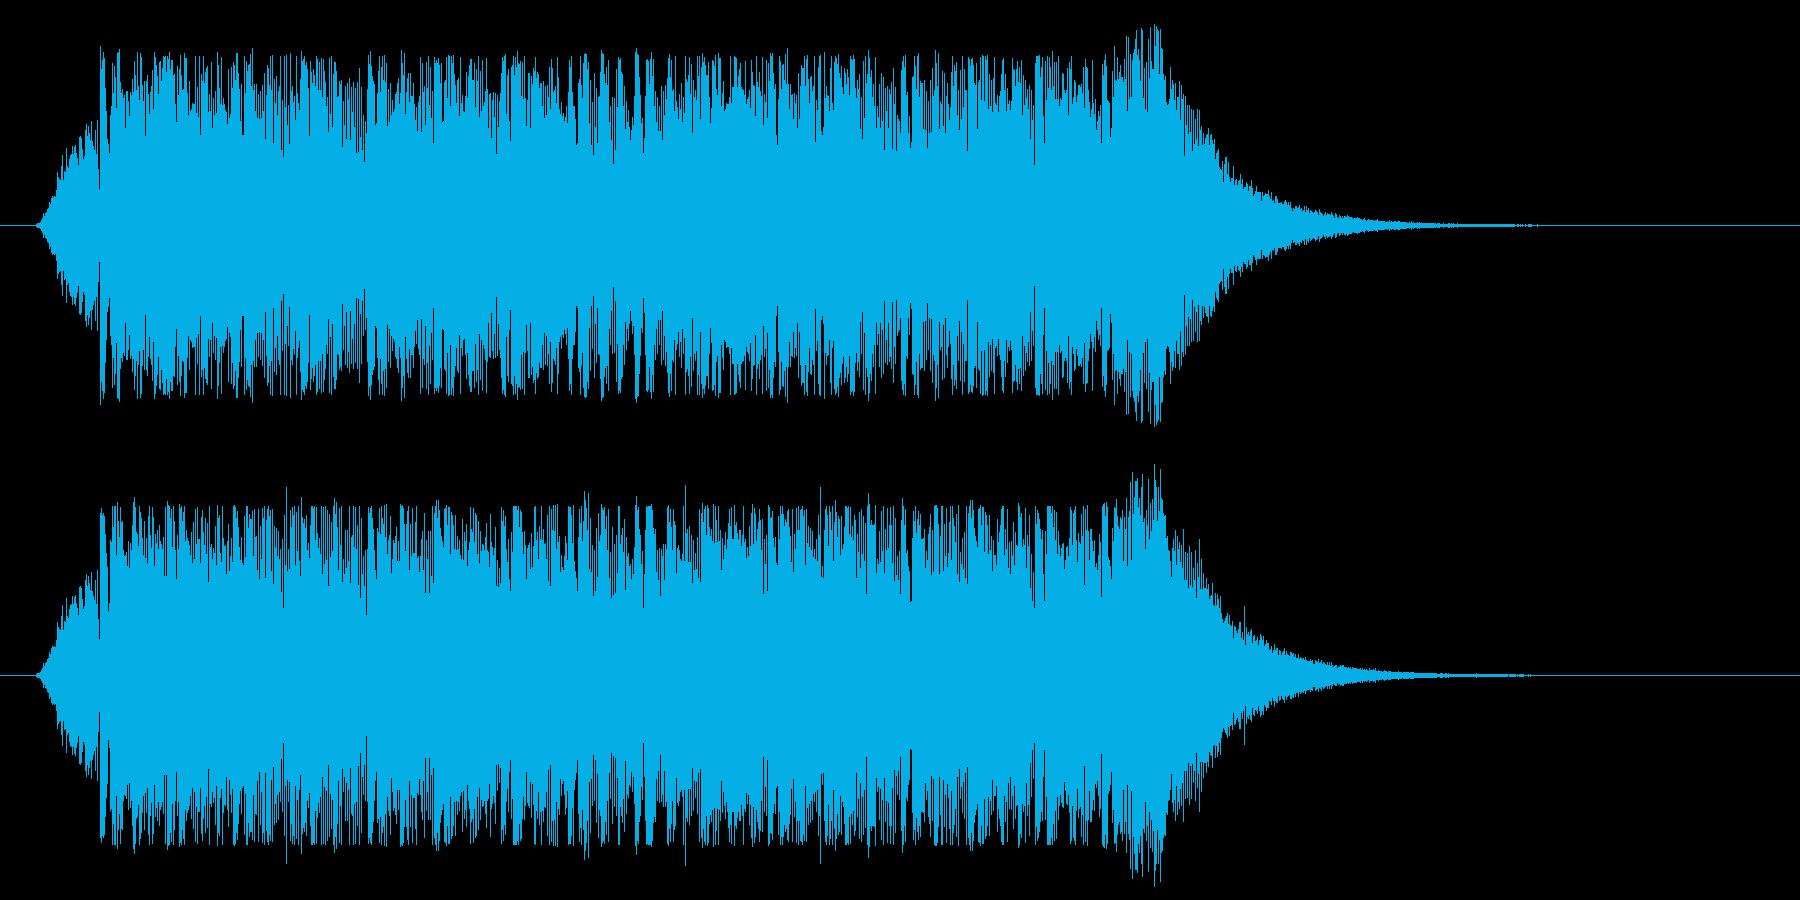 サイバー風ミステリアスジングル(ロング)の再生済みの波形